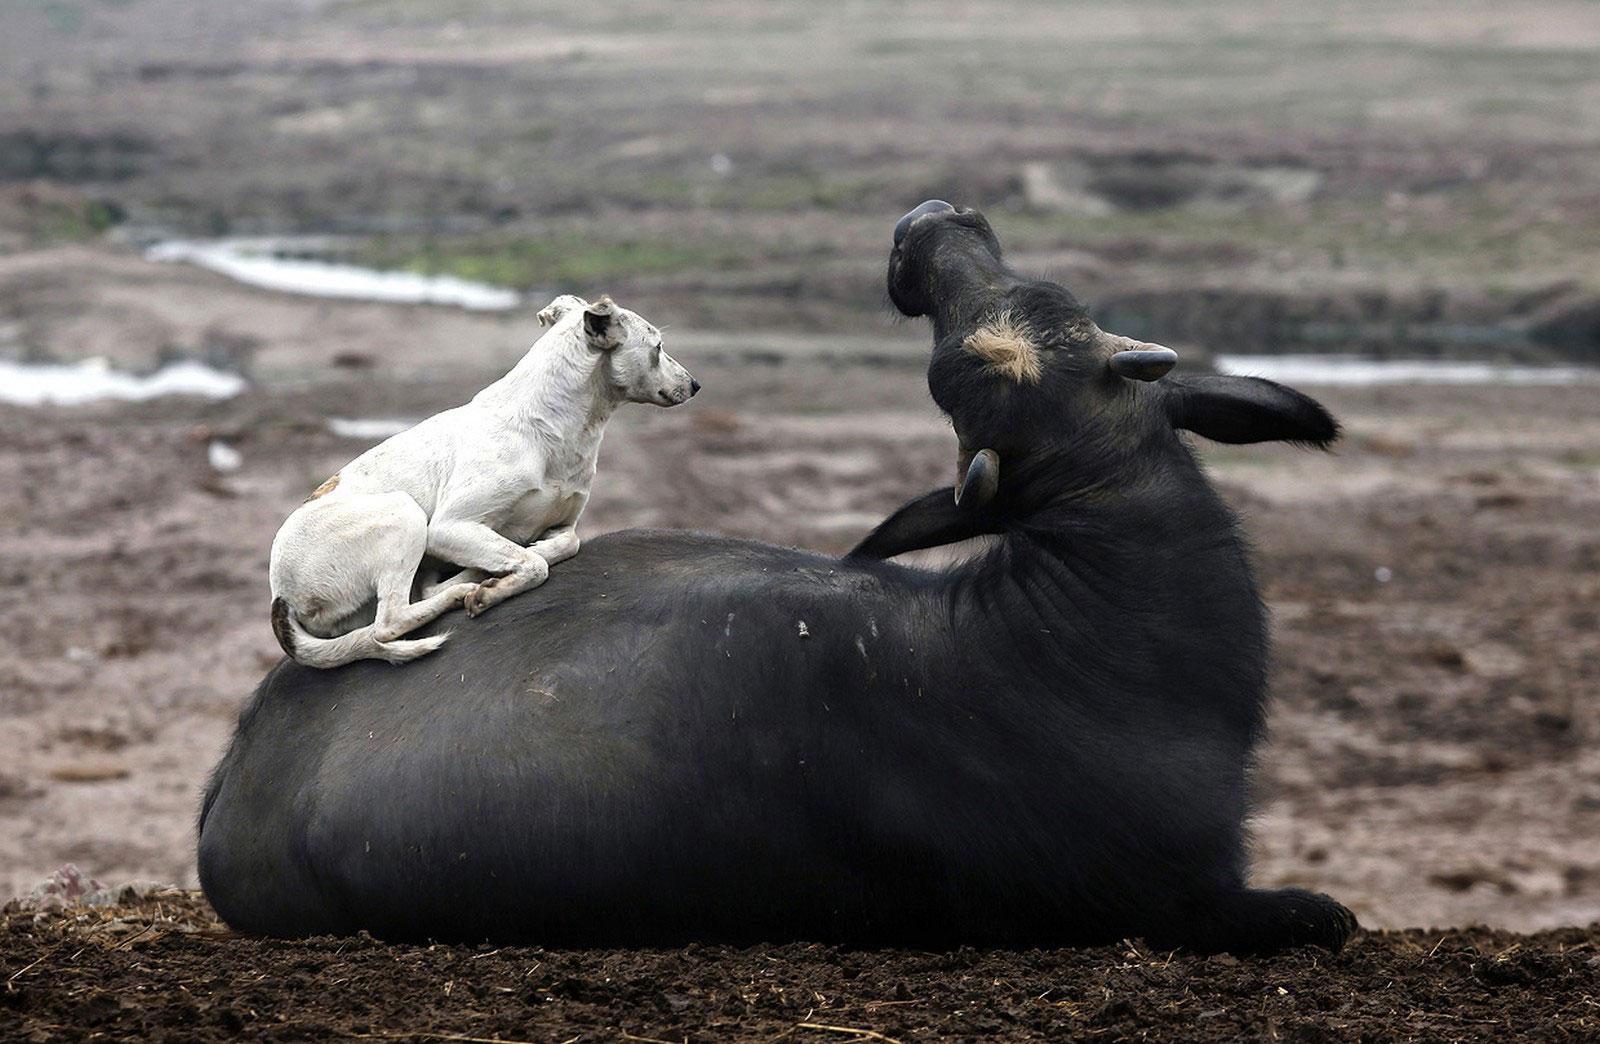 собака отдыхает на бизоне